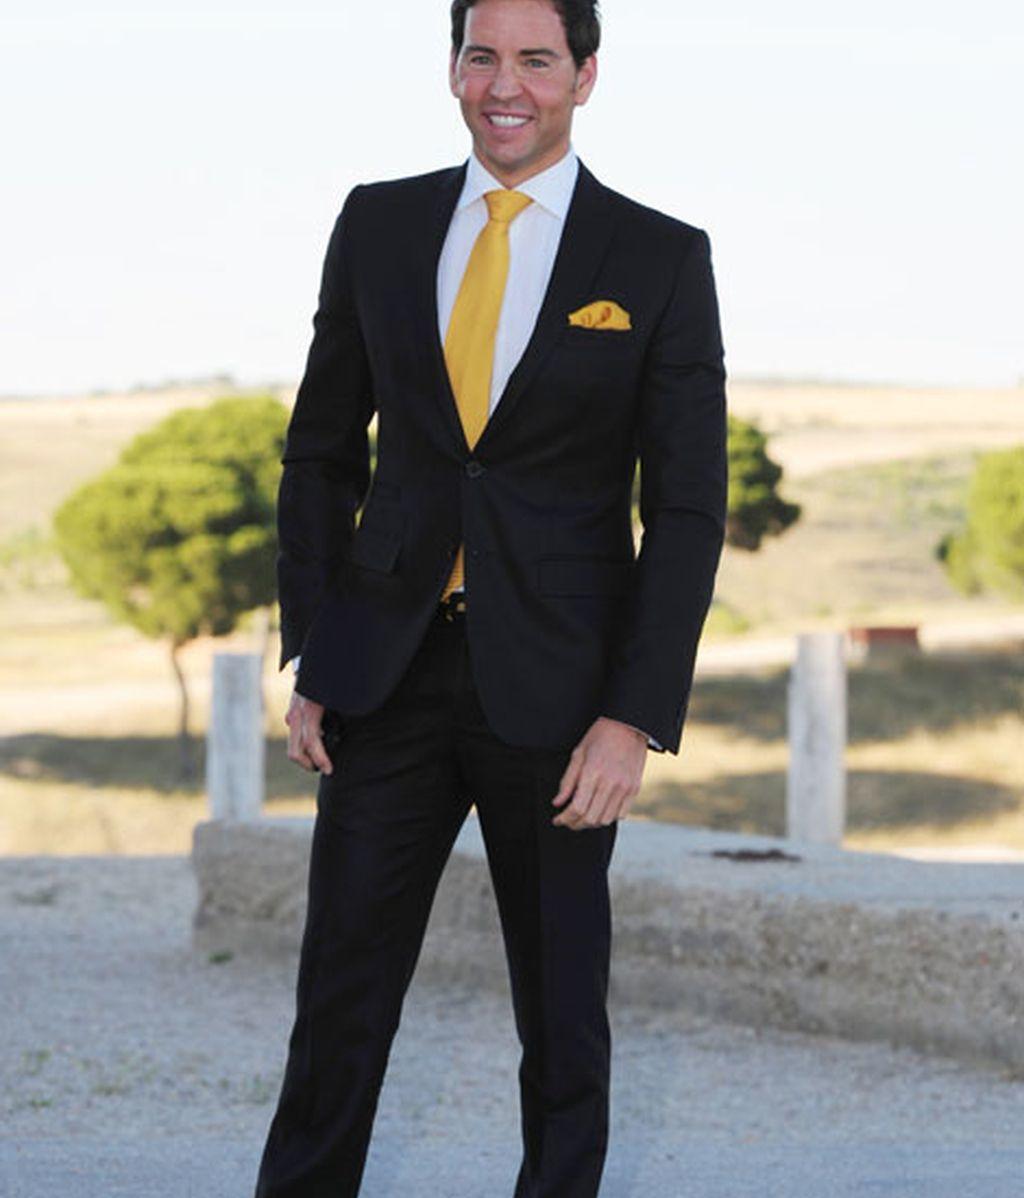 El nadador David Meca, con una corbata amarilla